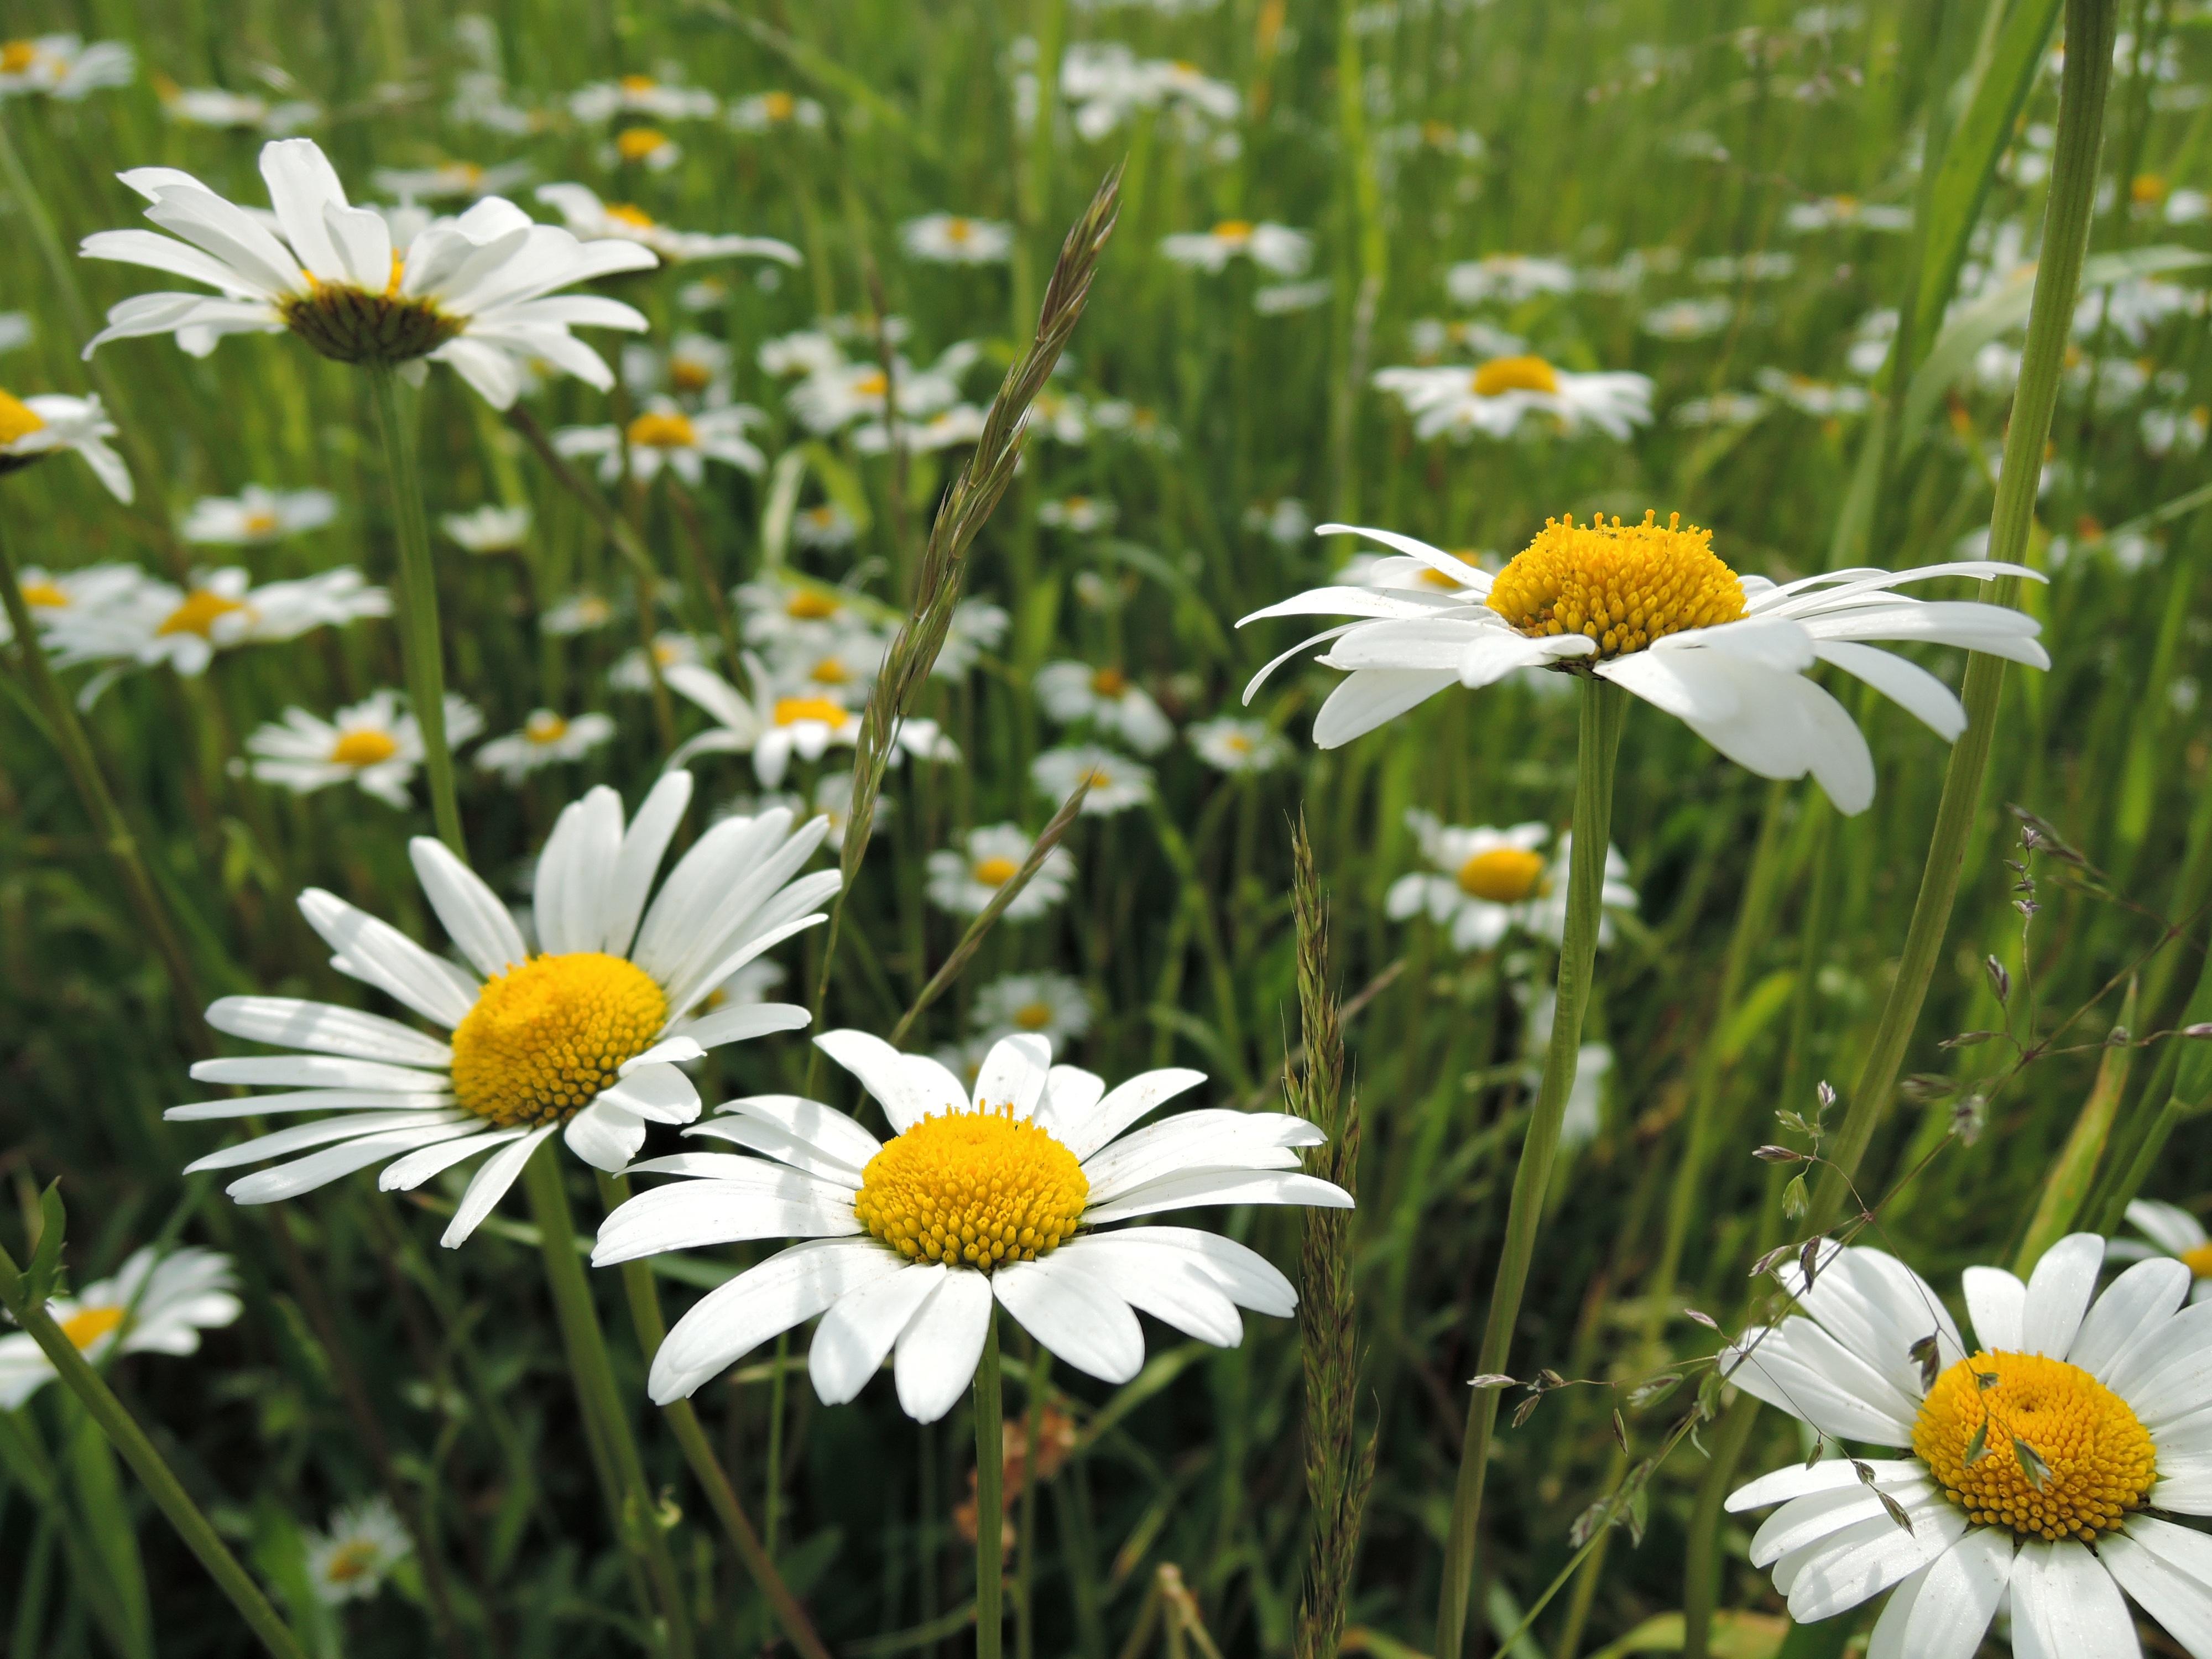 Images Gratuites La Nature Herbe Soleil Blanc Champ Prairie